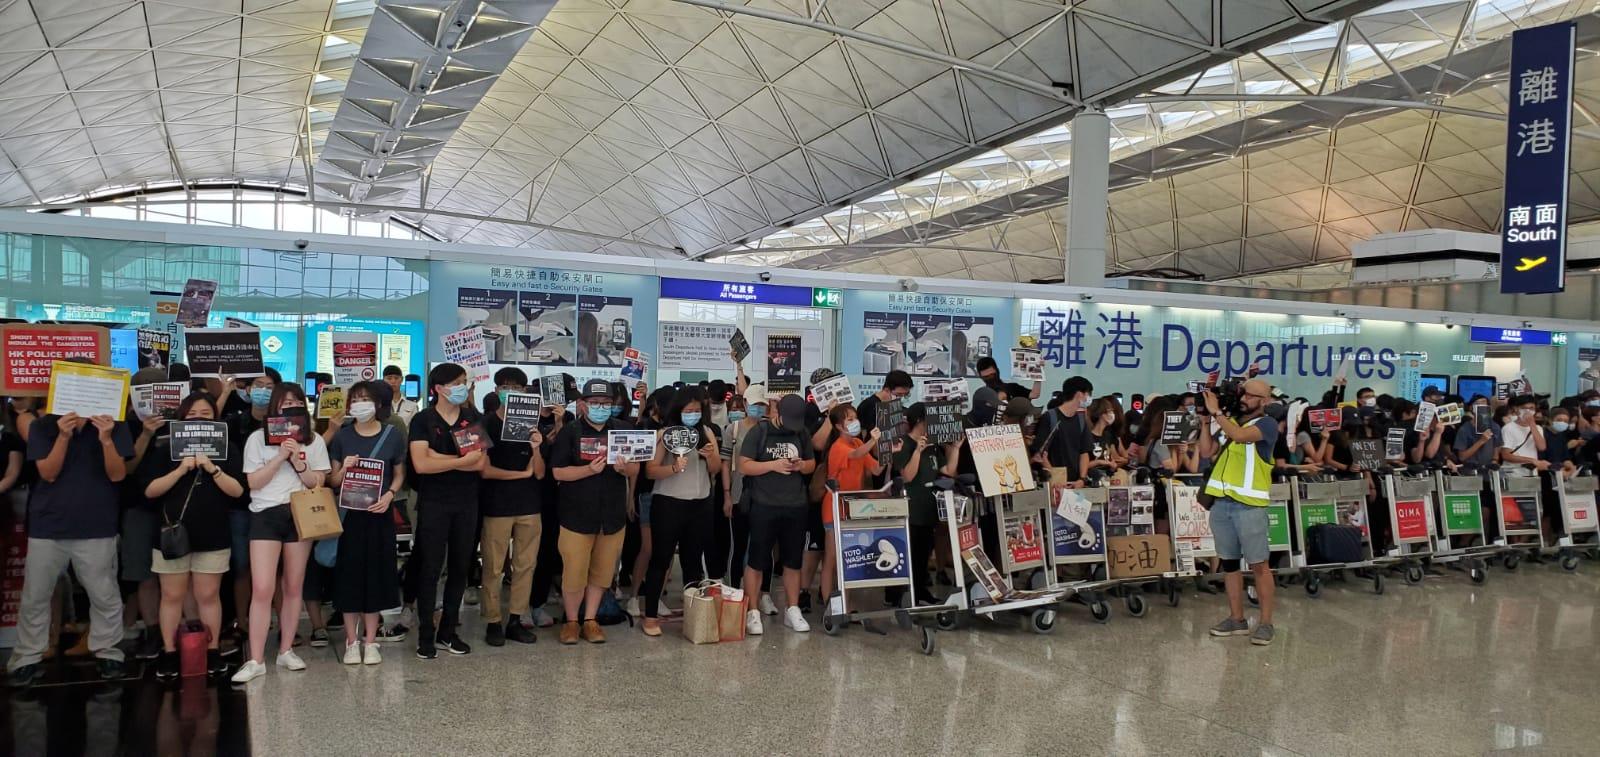 機場示威者堵塞離港大堂。資料圖片